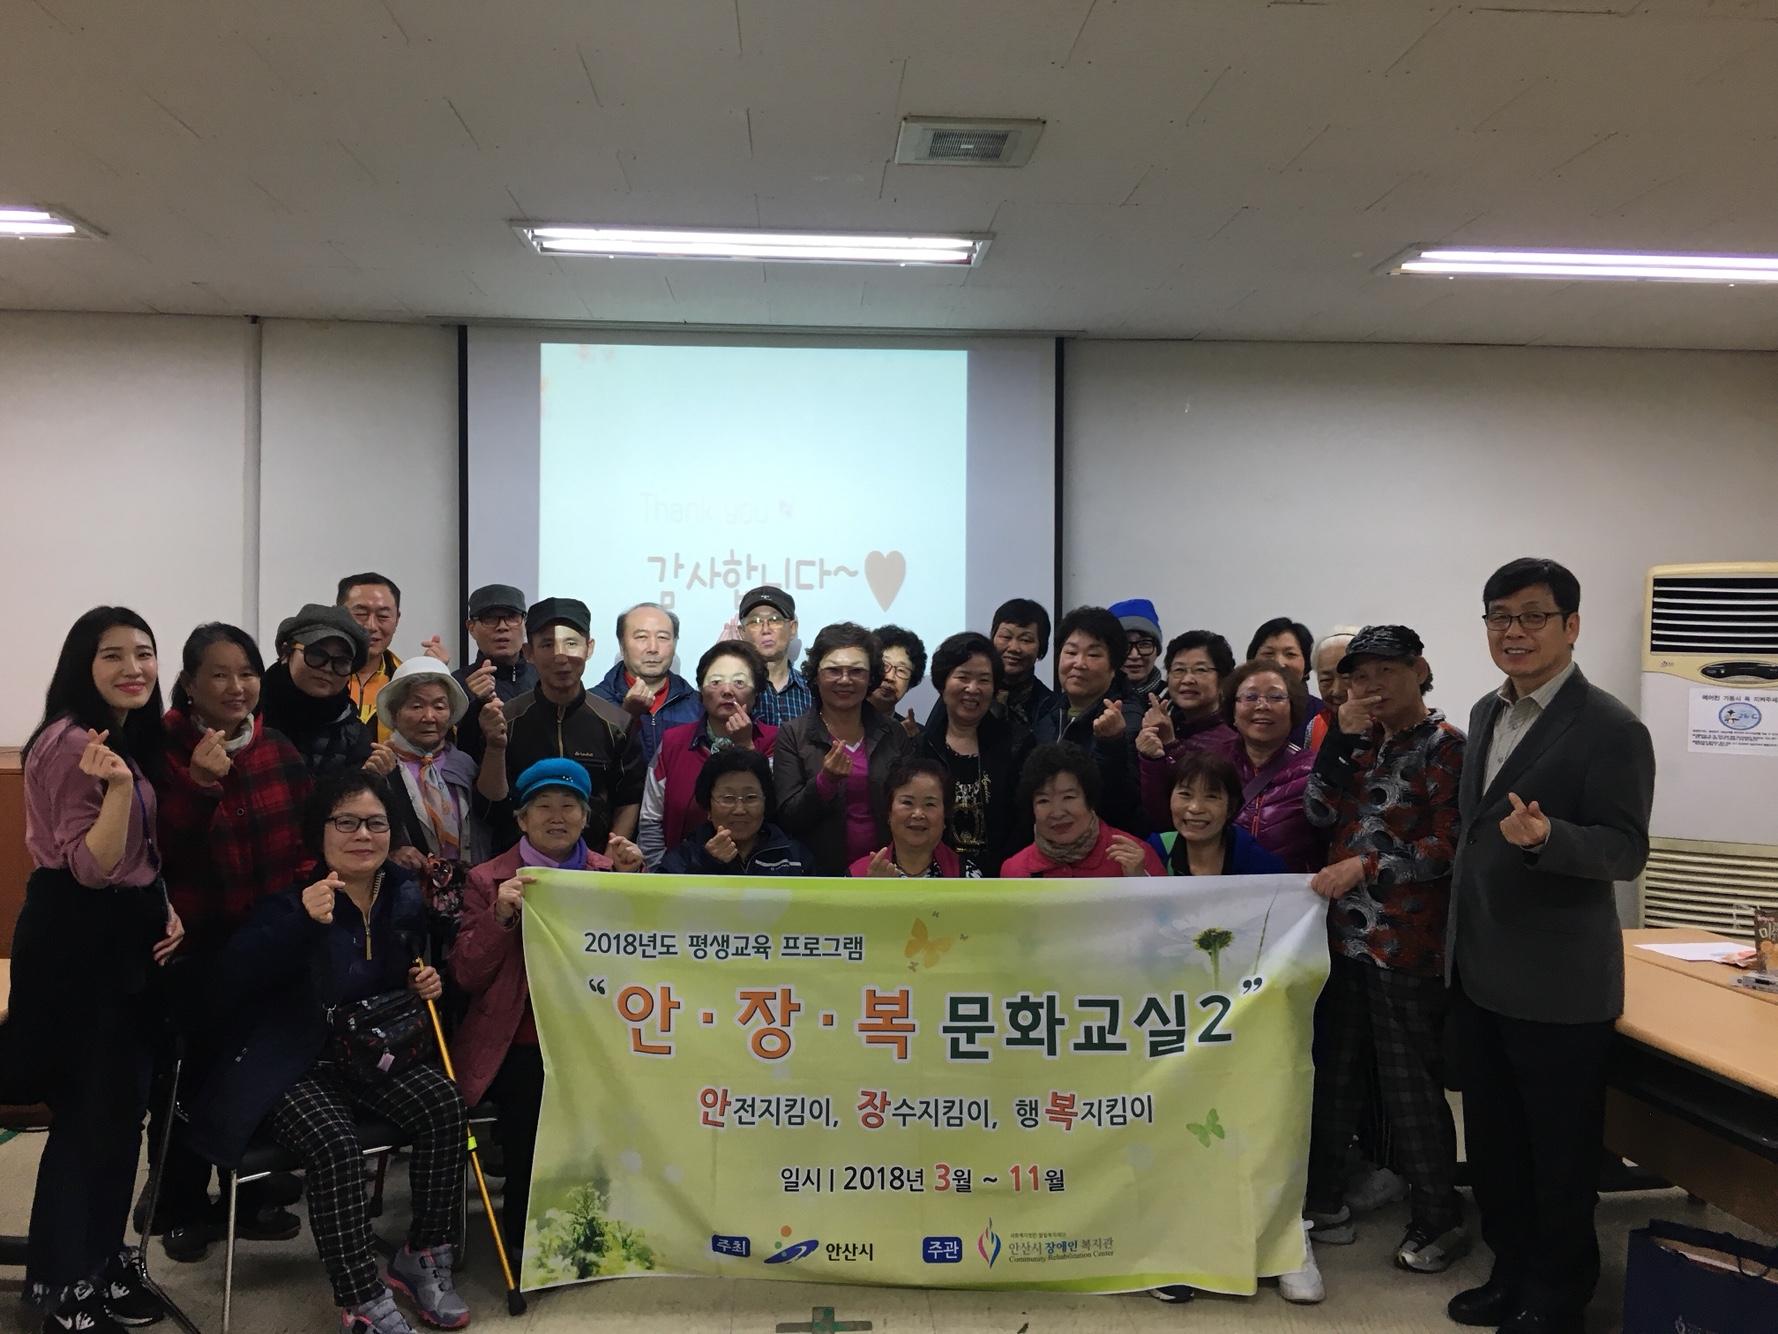 평생교육 2학기 종강식을 마무리짓는 단체사진한장~!